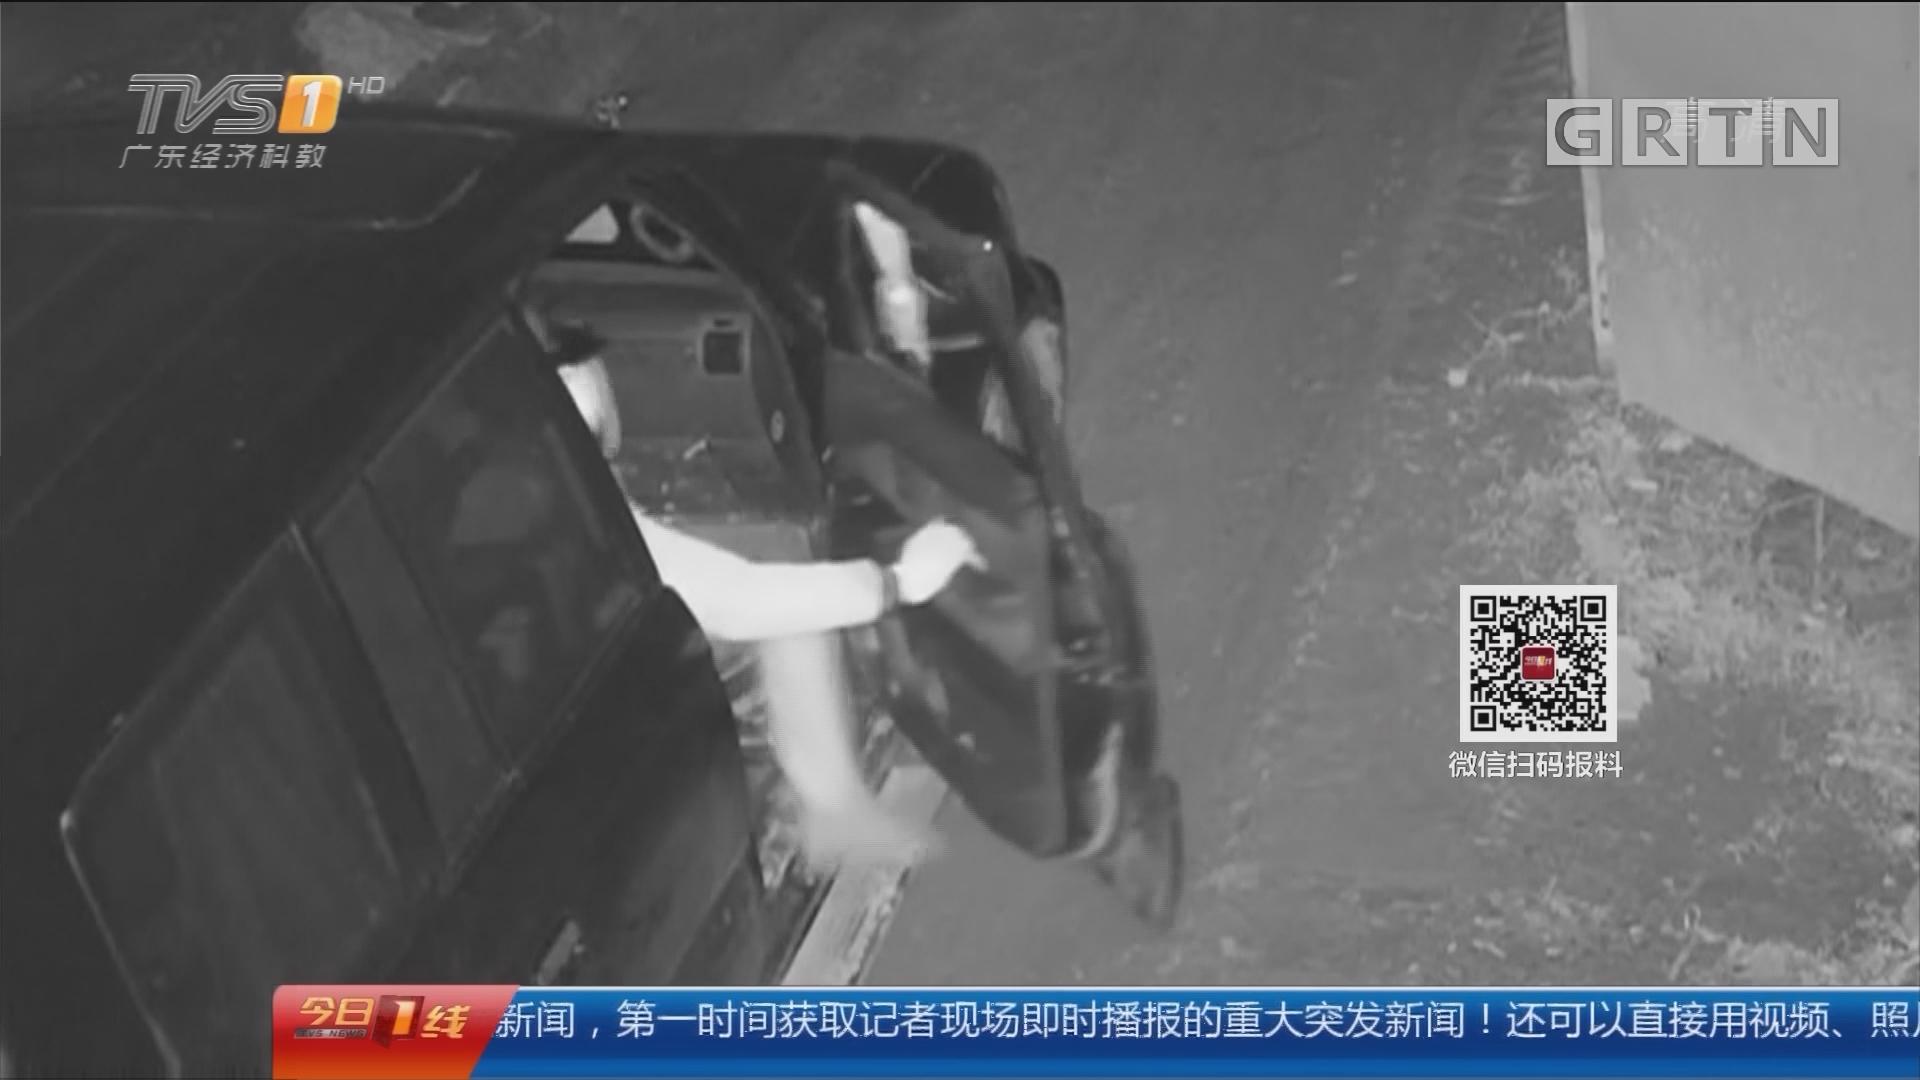 广州:团伙一晚盗油万升 三地警方联合抓捕